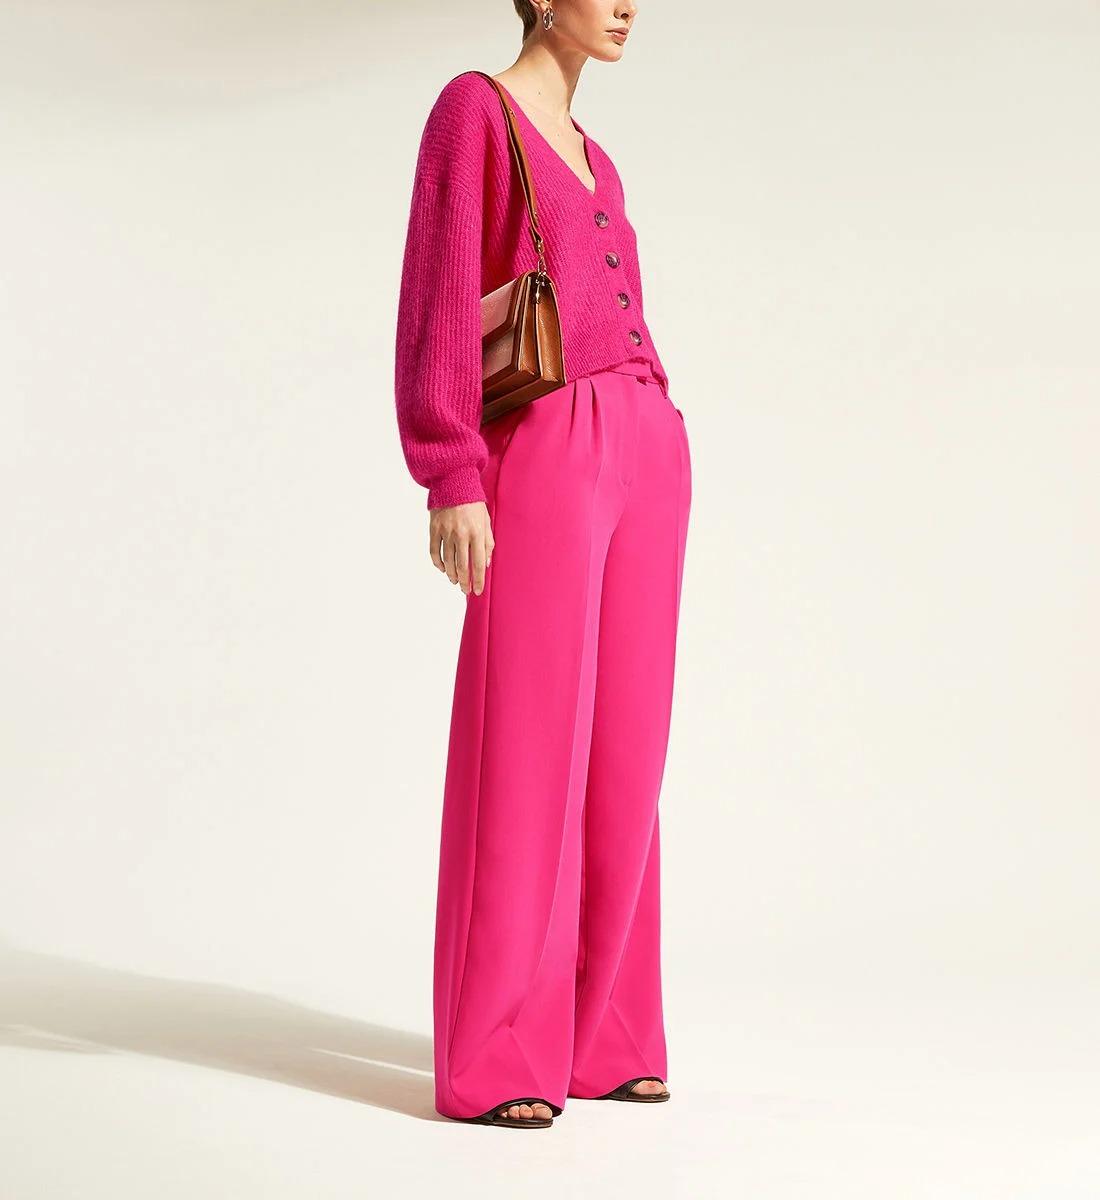 Pantalon large en polyester mélangé, Galeries Lafayette, 47,99€ au lieu de 79,99€.